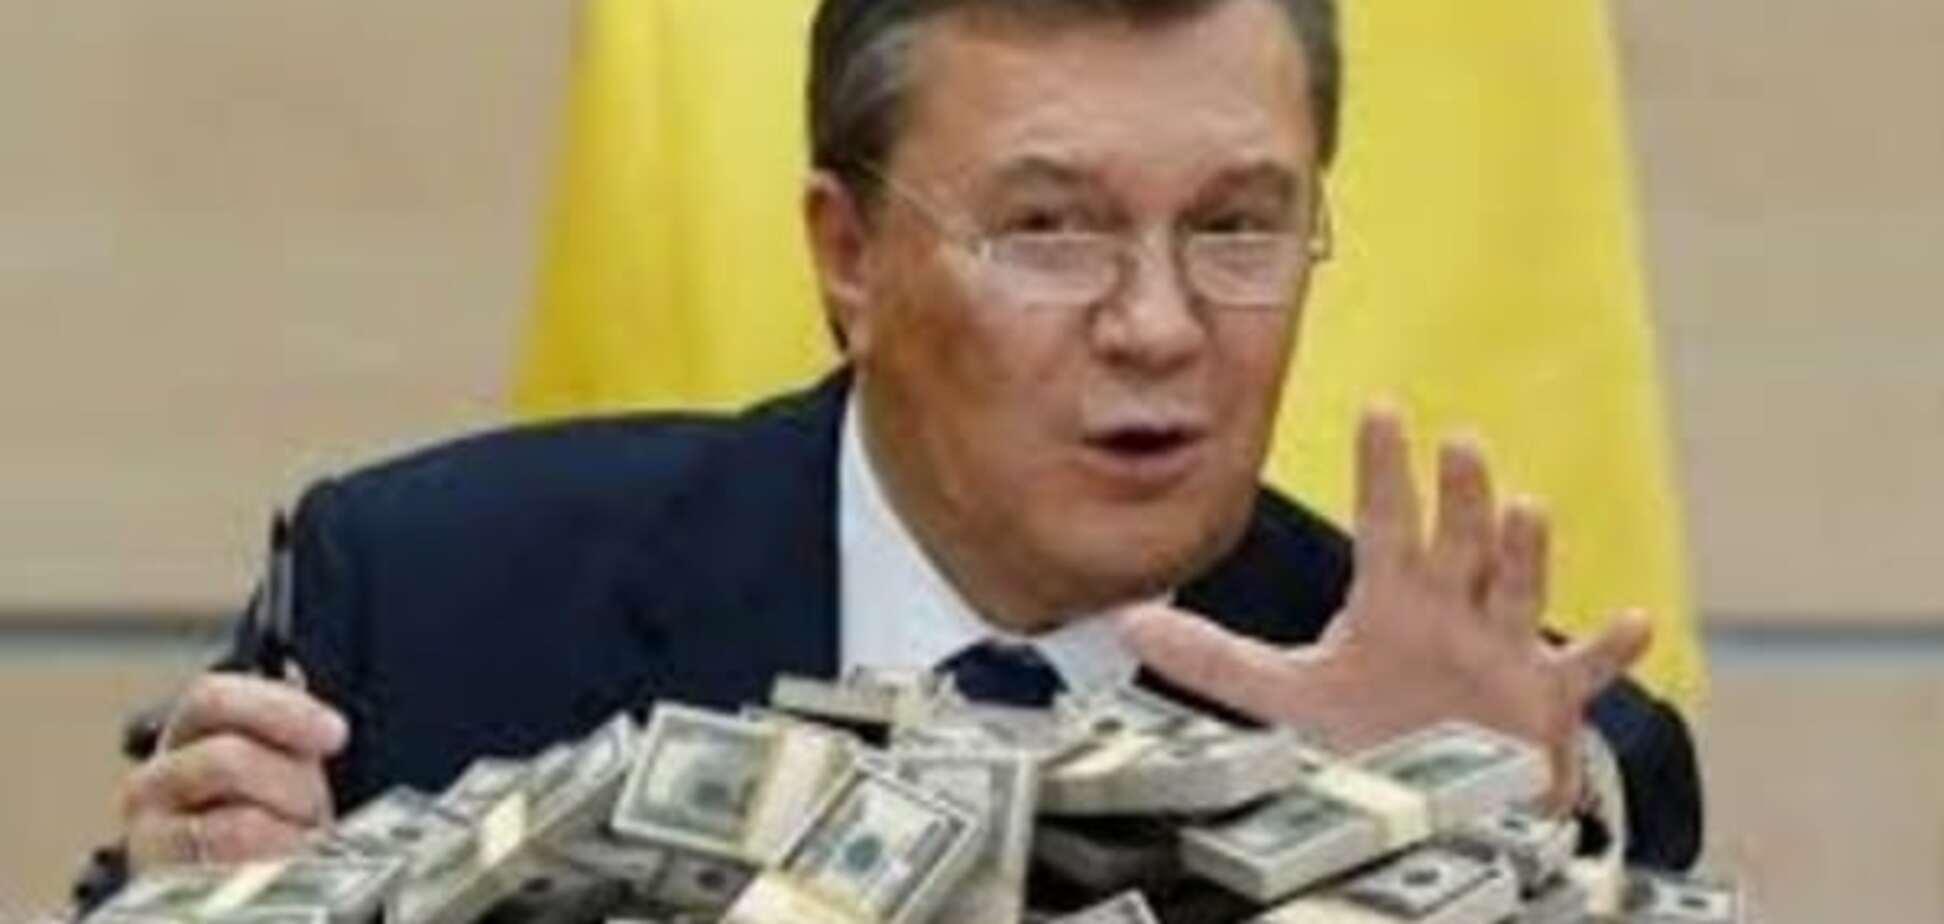 Закон про спецконфіскації внесений до Верховної Ради